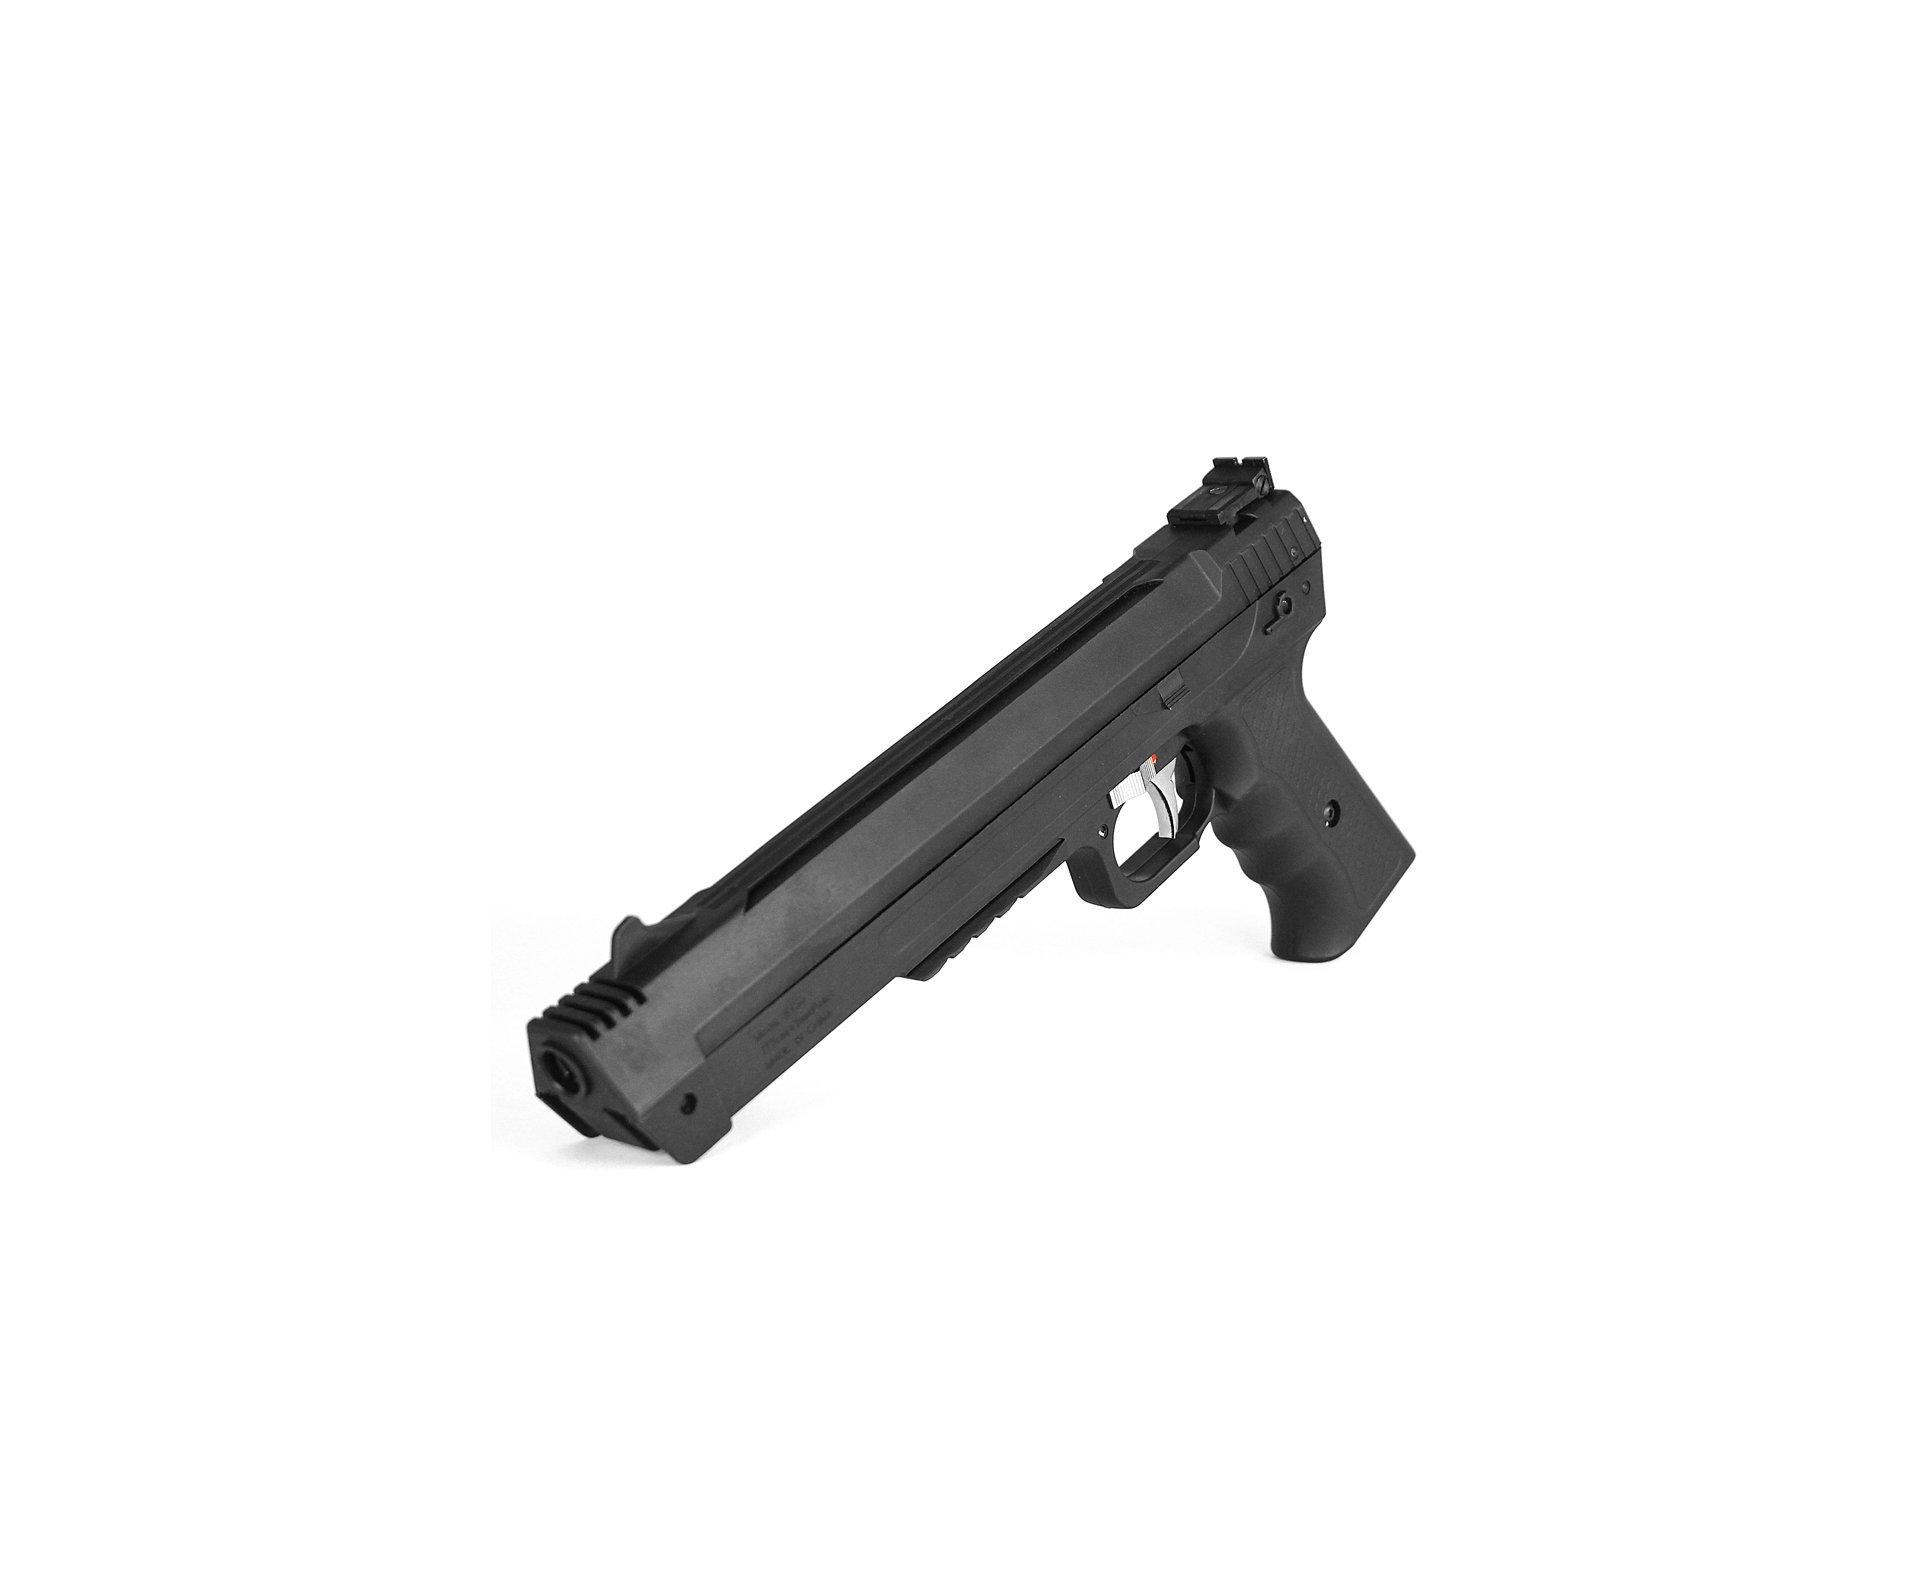 Pistola De Pressão Mod S400 Cal 4,5mm - Bam